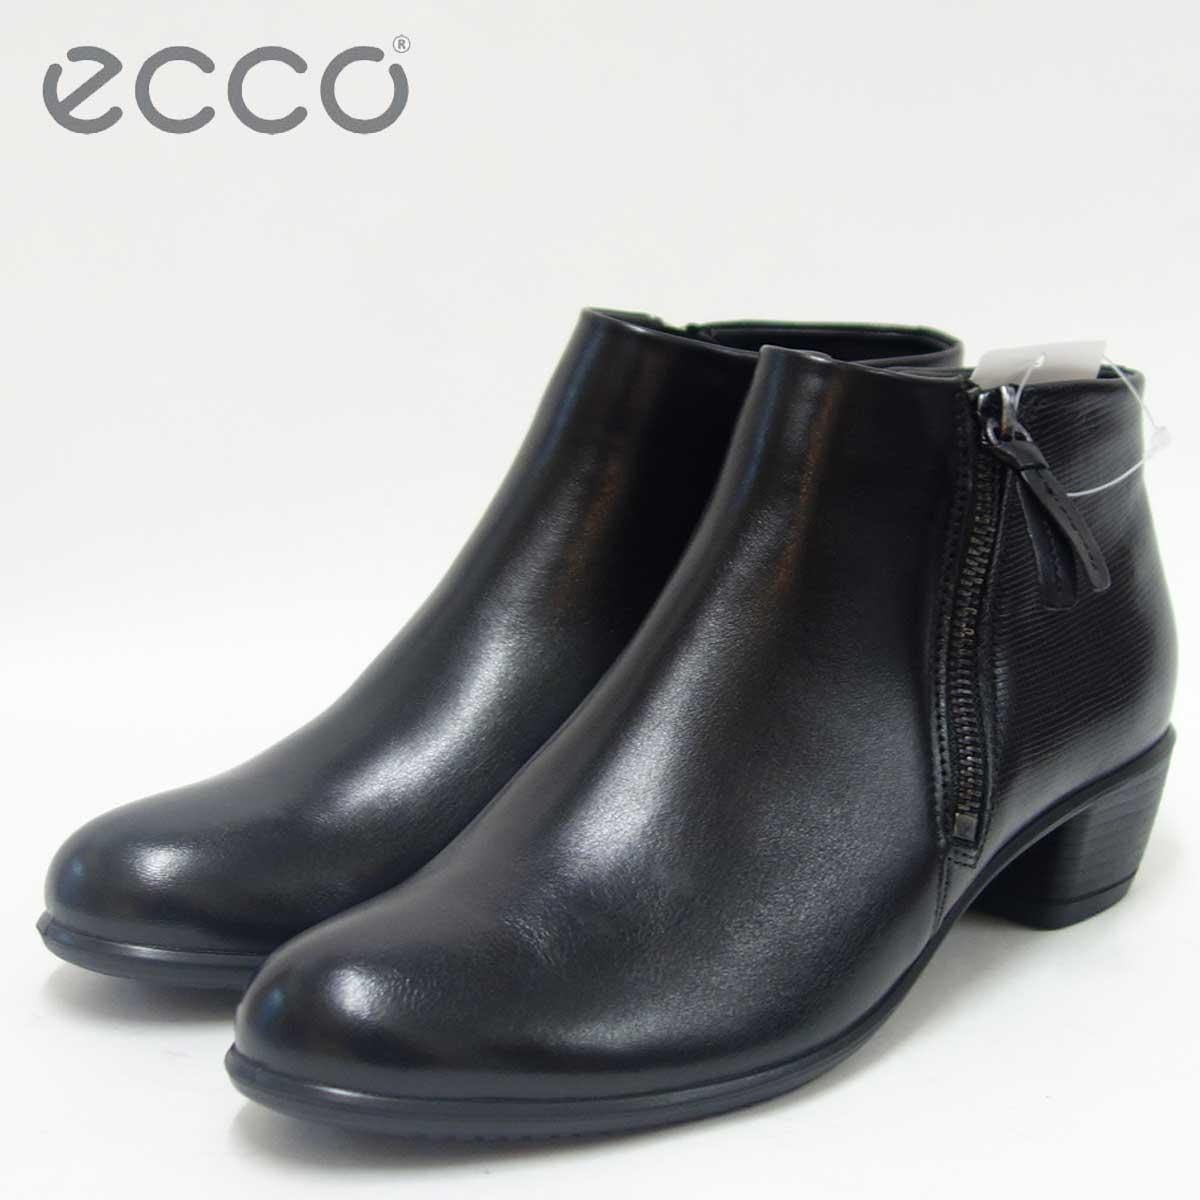 ECCO エコー 264153 ブラック(レディース)スムースレザー ローヒール アンクルブーツECCO TOUCH 35 Low cut zip「靴」